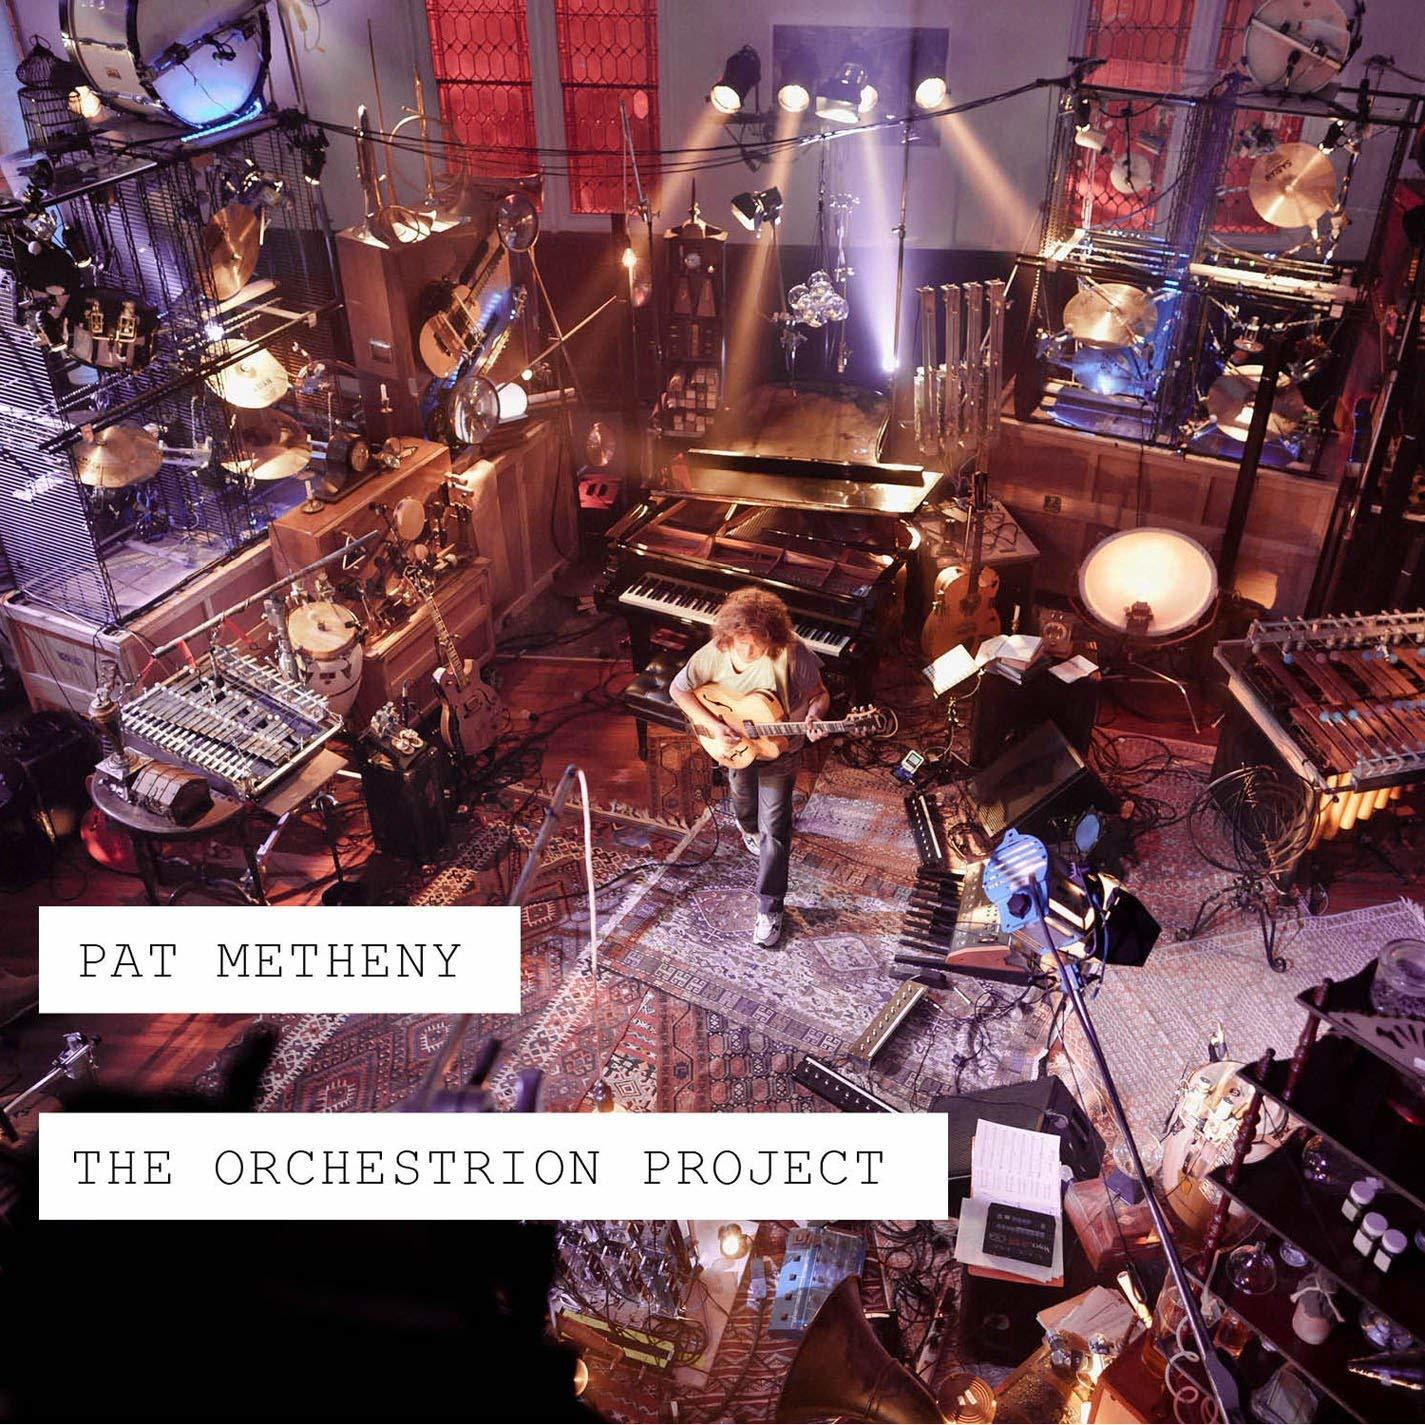 パット・メセニーとオーケストリオン_b0068572_19515028.jpg